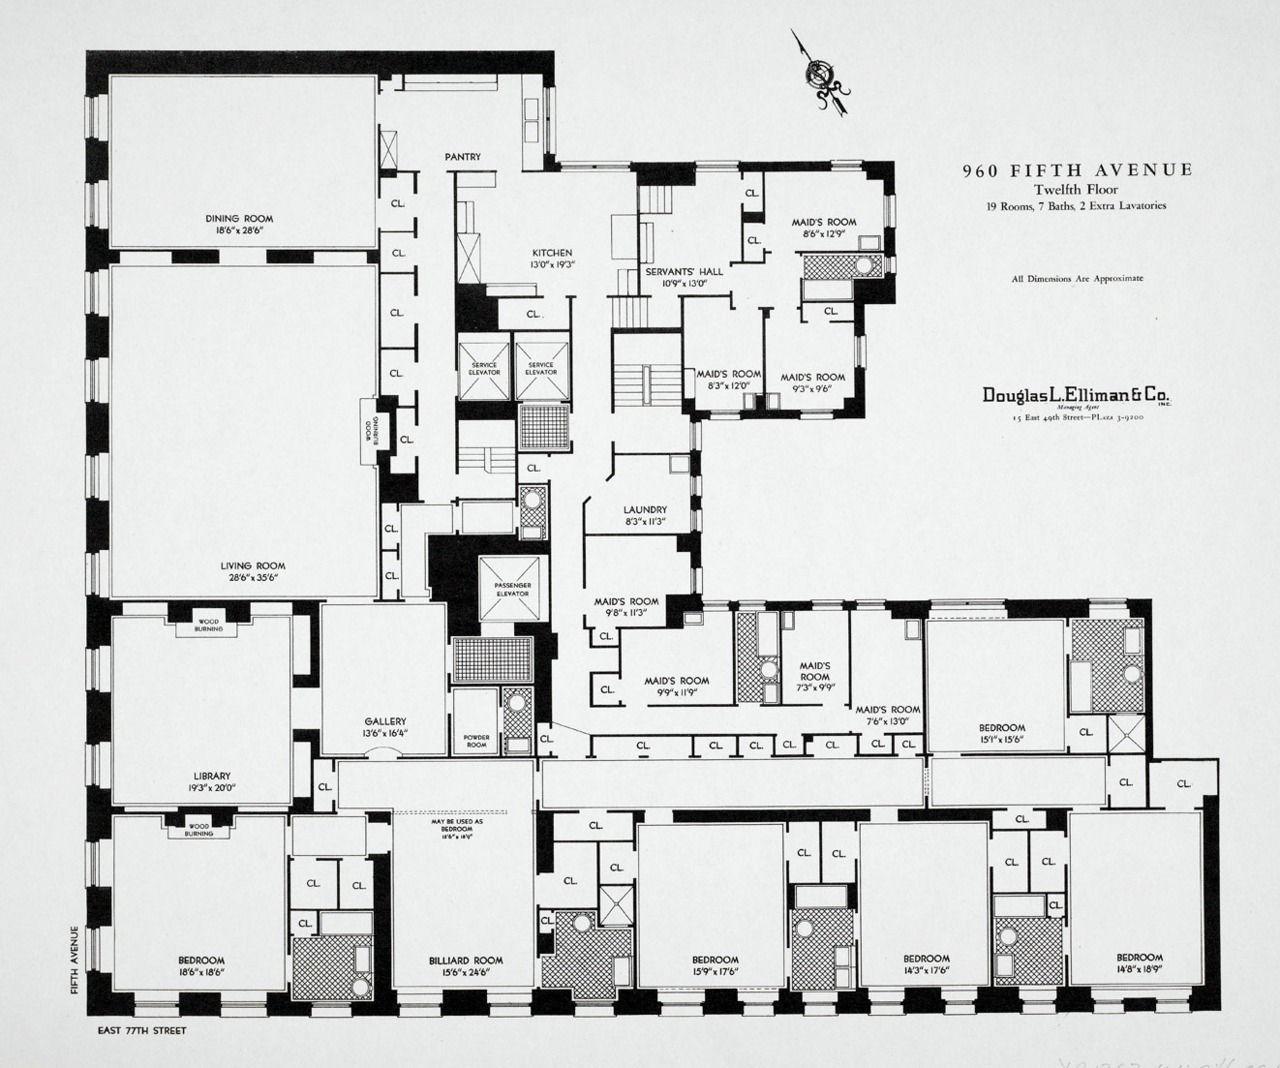 960 Fifth Avenue Luxus Grundrisse Wohnungsgrundrisse Haus Plane